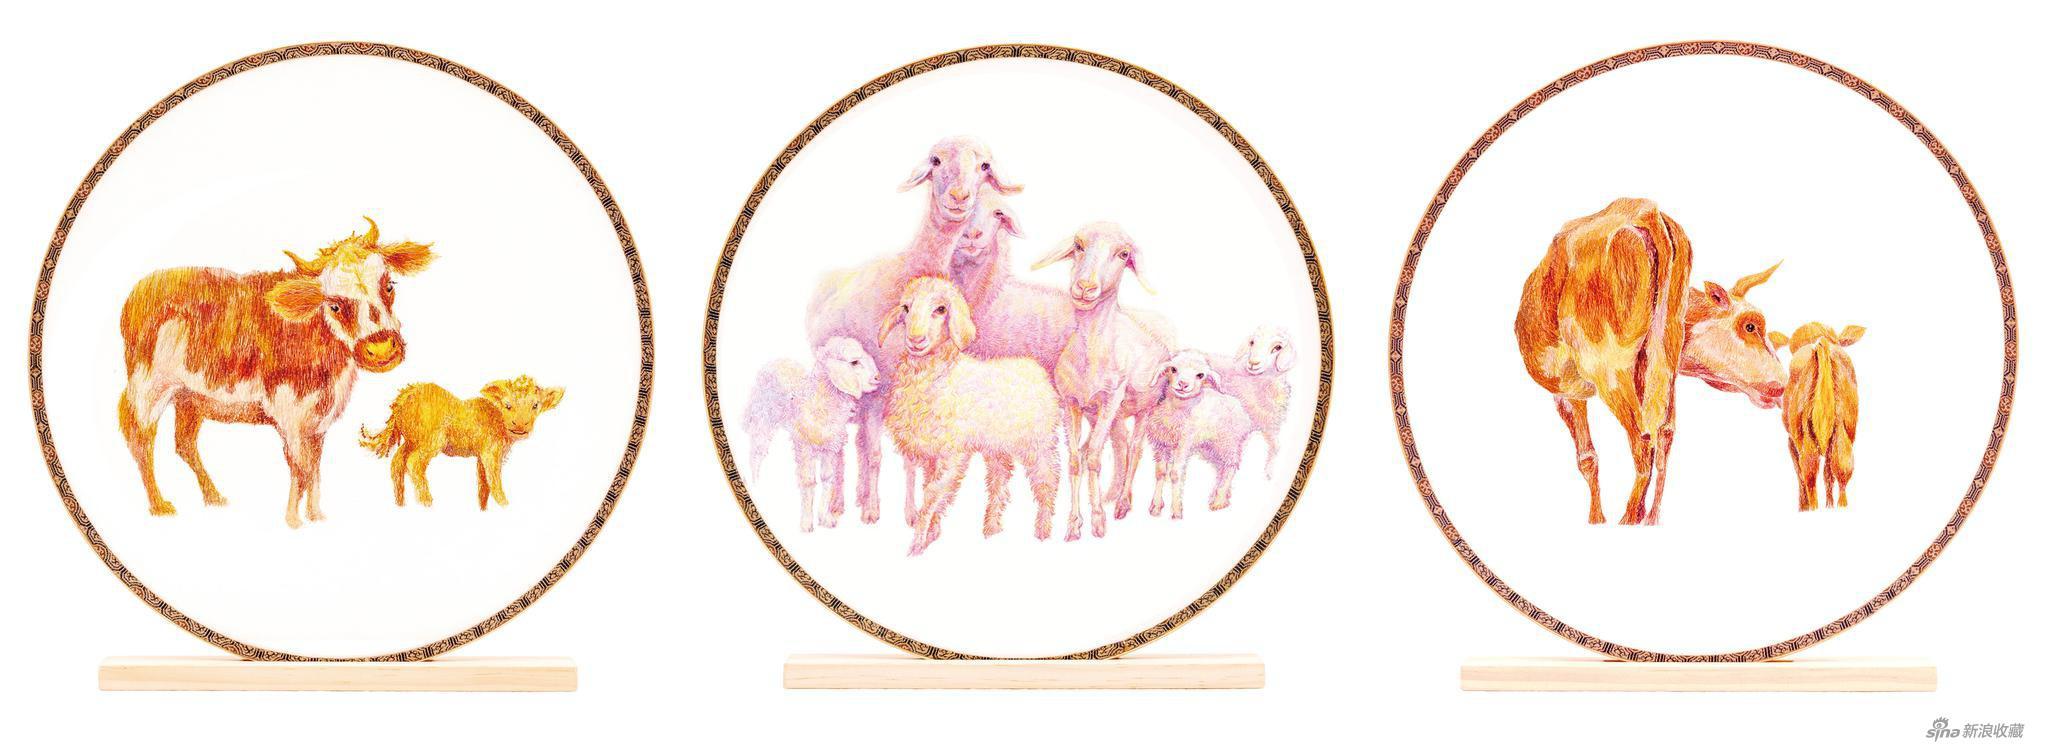 《你瞅啥系列》刺绣工艺 直径25cmX3 2019